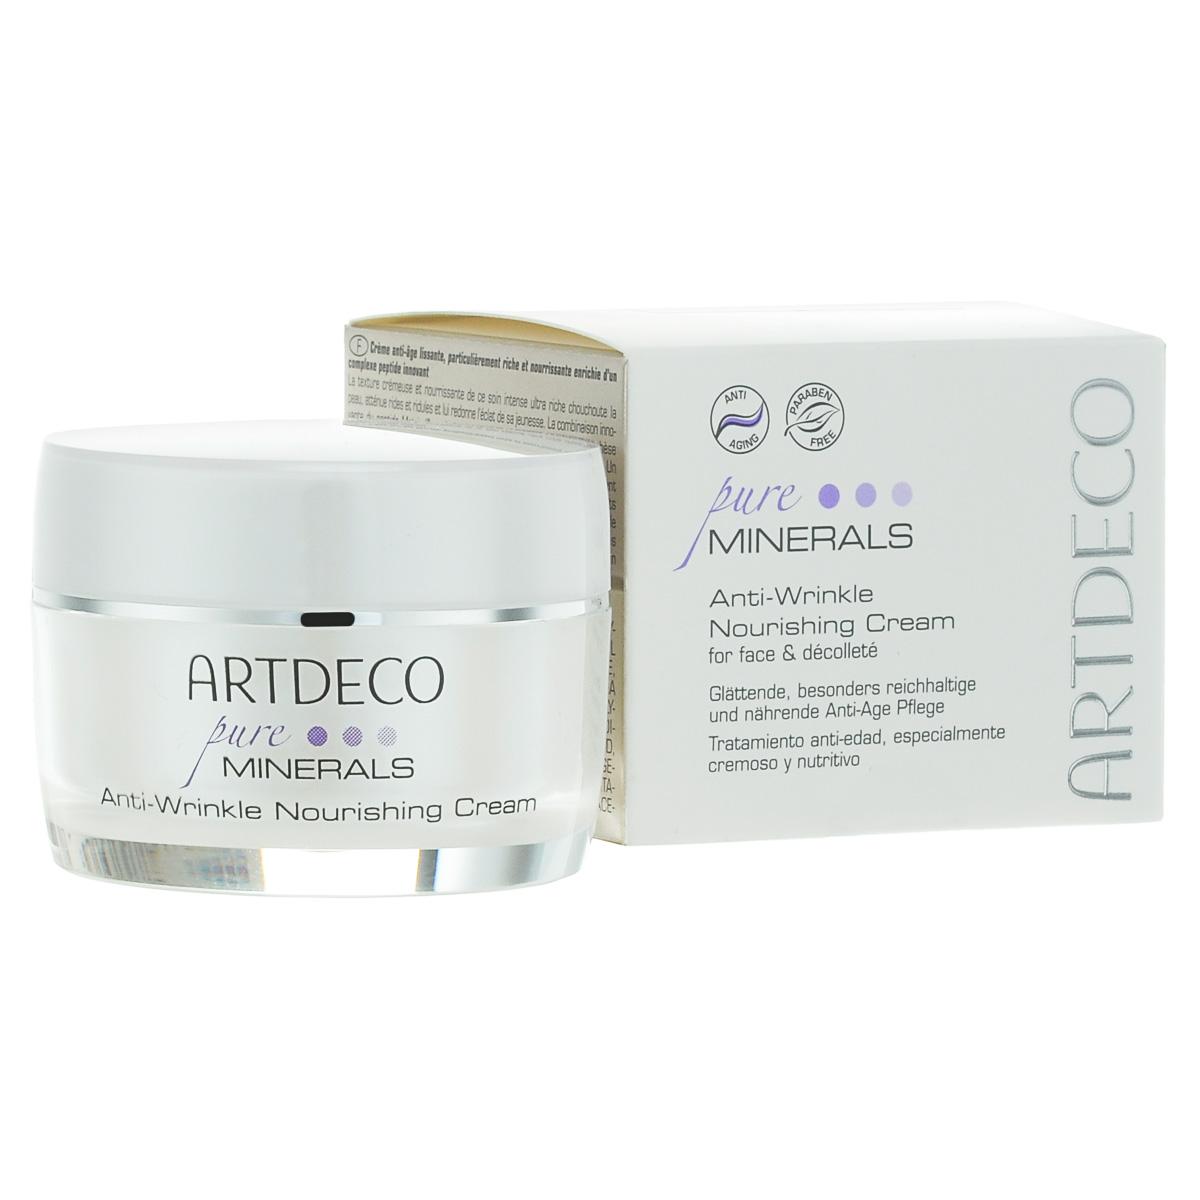 ARTDECO Питательный крем против морщин на лице Pure Minerals Anti-Wrincle Nourishing Cream, 50 мл67501Этот очень насыщенный крем для интенсивного ухода балует кожу своей питательной, кремовой текстурой, уменьшает морщины и придает коже сияние молодости. Инновационная комбинация пептидов Matrixyl® и драгоценного камня гематита активизирует естественный синтез коллагена и тем самым раскрывает секрет красоты, молодости и упругости кожи. Крем мгновенно придает коже гладкость и эластичность, создает уникальное ощущение нежности и молодости кожи. Инновационный пептидный комплекс Perfection Peptide P3, который содержит лецитин и глицерин, действует как пилинг и активизирует естественное обновление клеток и регенерацию кожи, уменьшает мелкие морщинки и нежелательную пигментацию. В результате кожа приобретает ухоженность, гладкость и сияние. Компонент Cupuacu отлично связывает воду и, следовательно, обладает сильным влагоудерживающим действием. Высококачественное масло ши прекрасно ухаживает за кожей, придавая ей мягкость, и защищает ее от высыхания. Сквален является естественным компонентом...